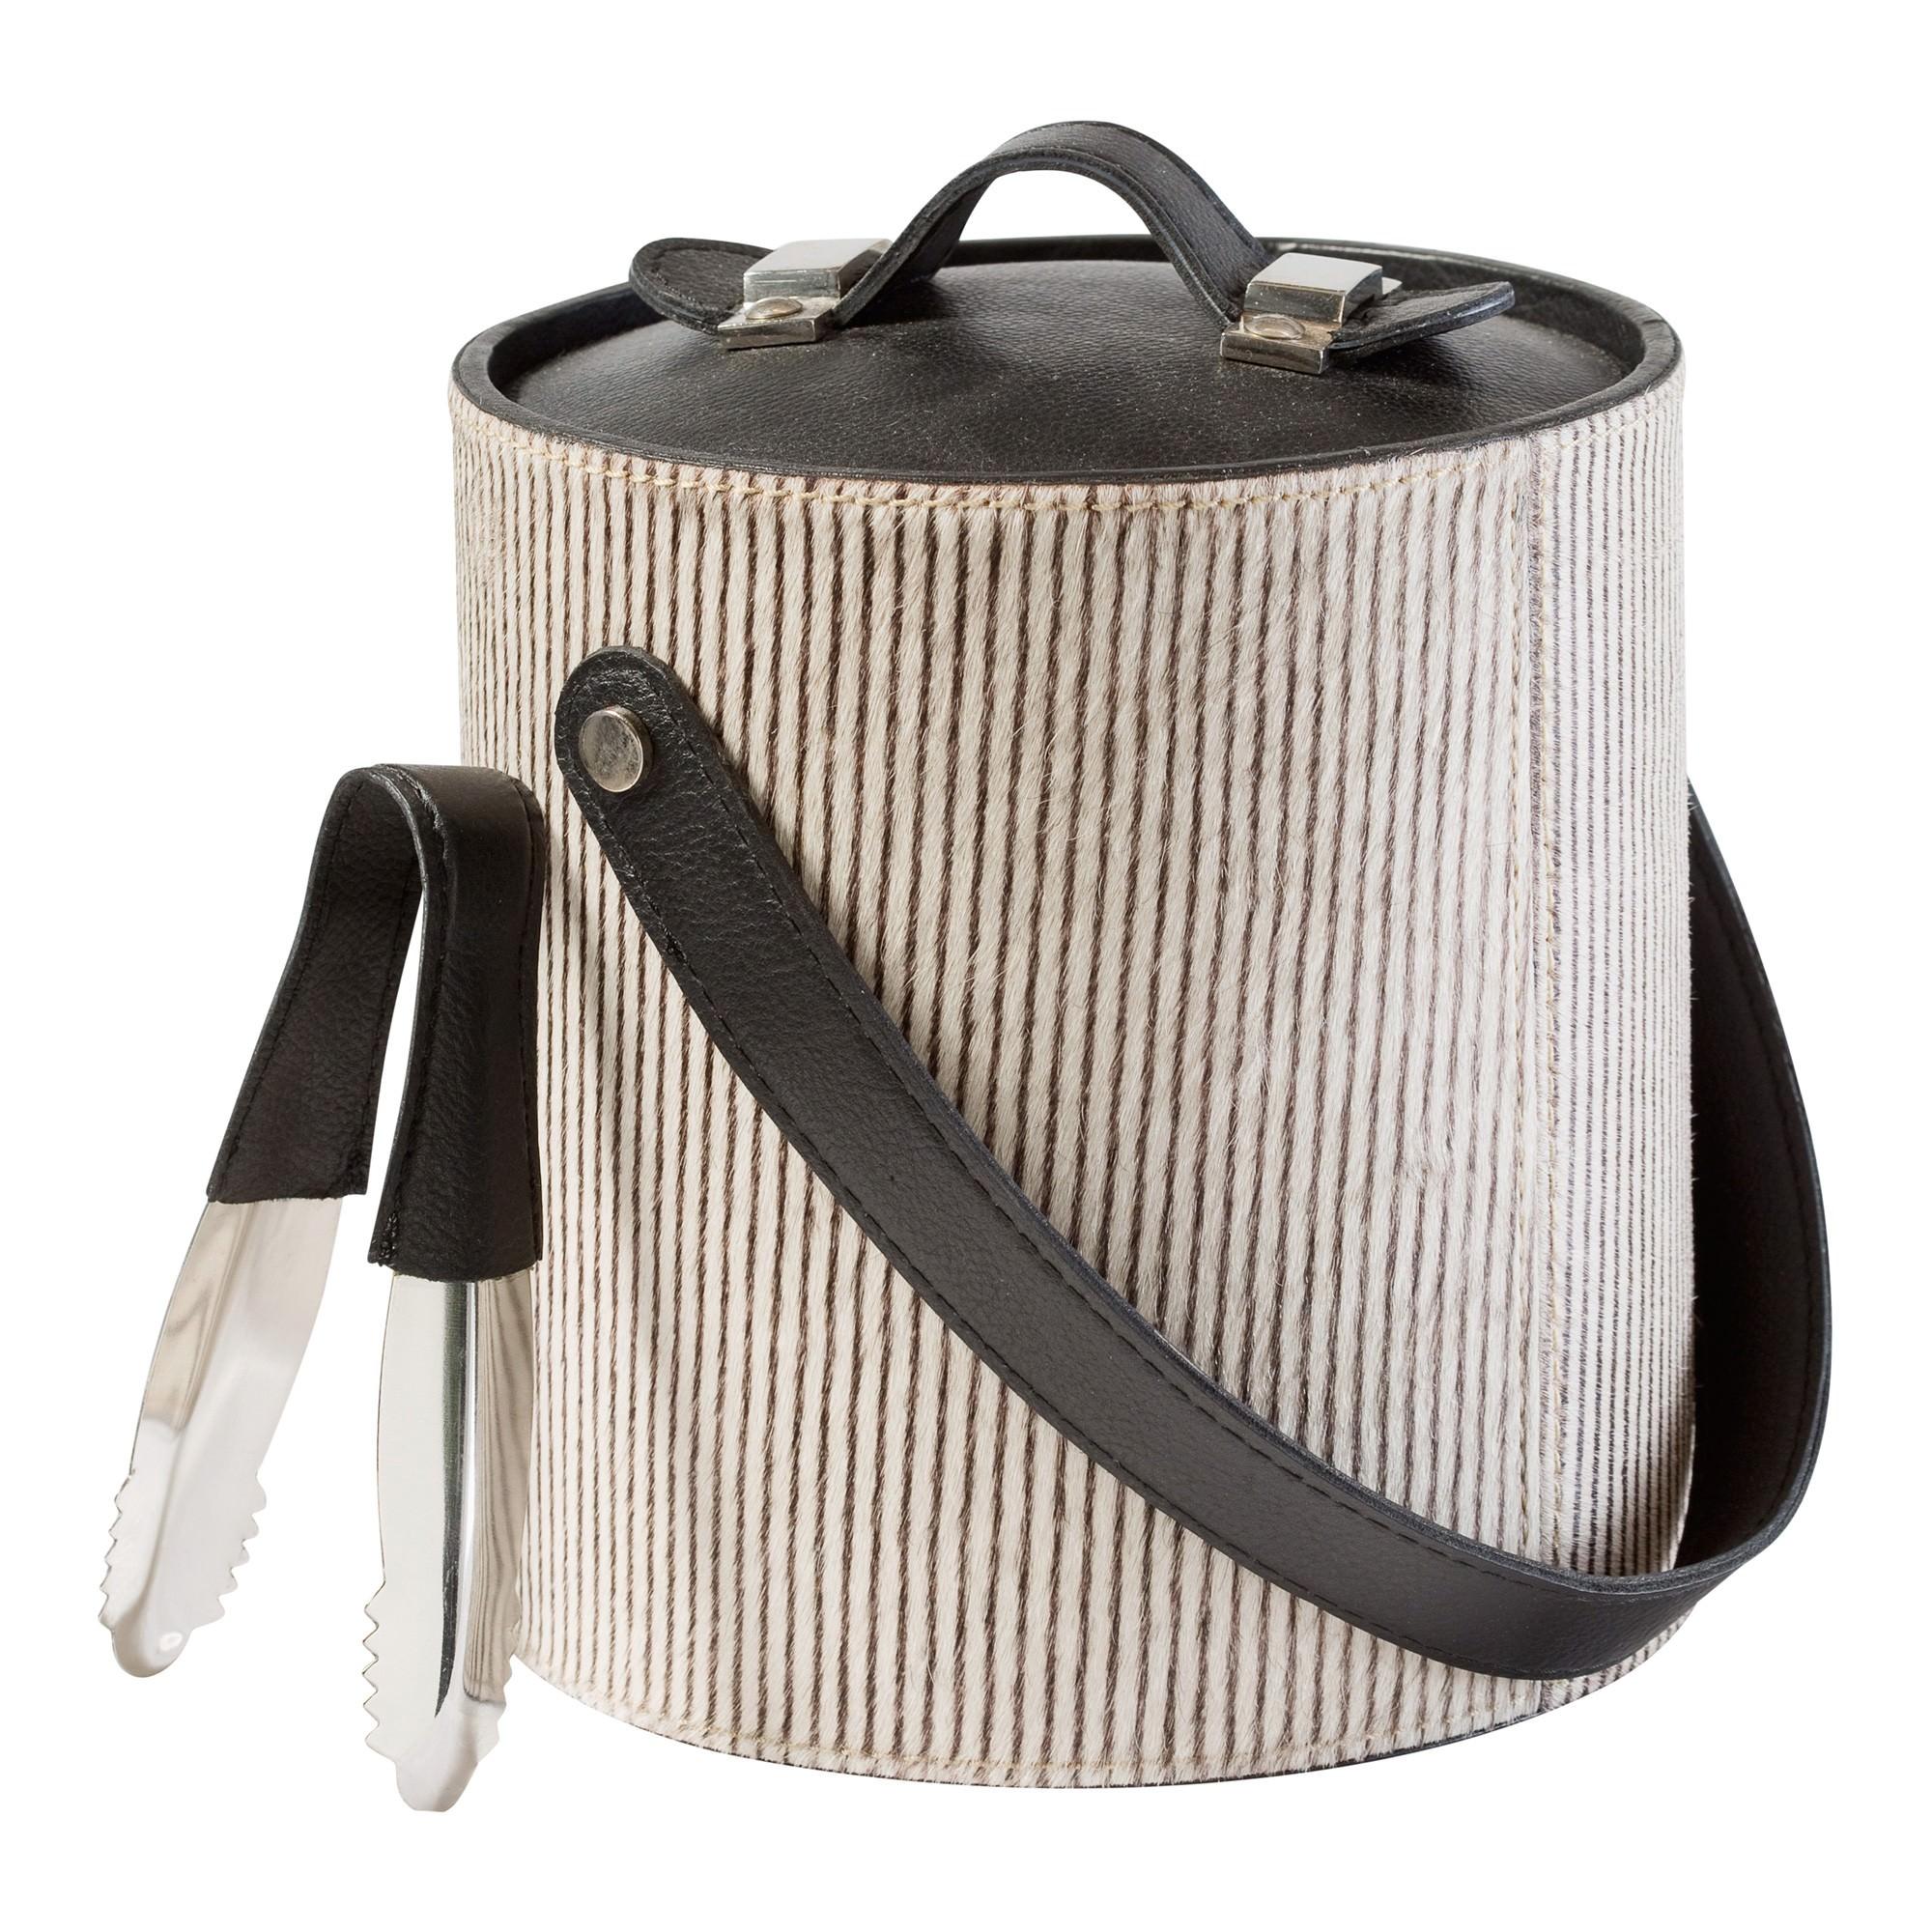 Meridian Hide Leather Ice Bucket